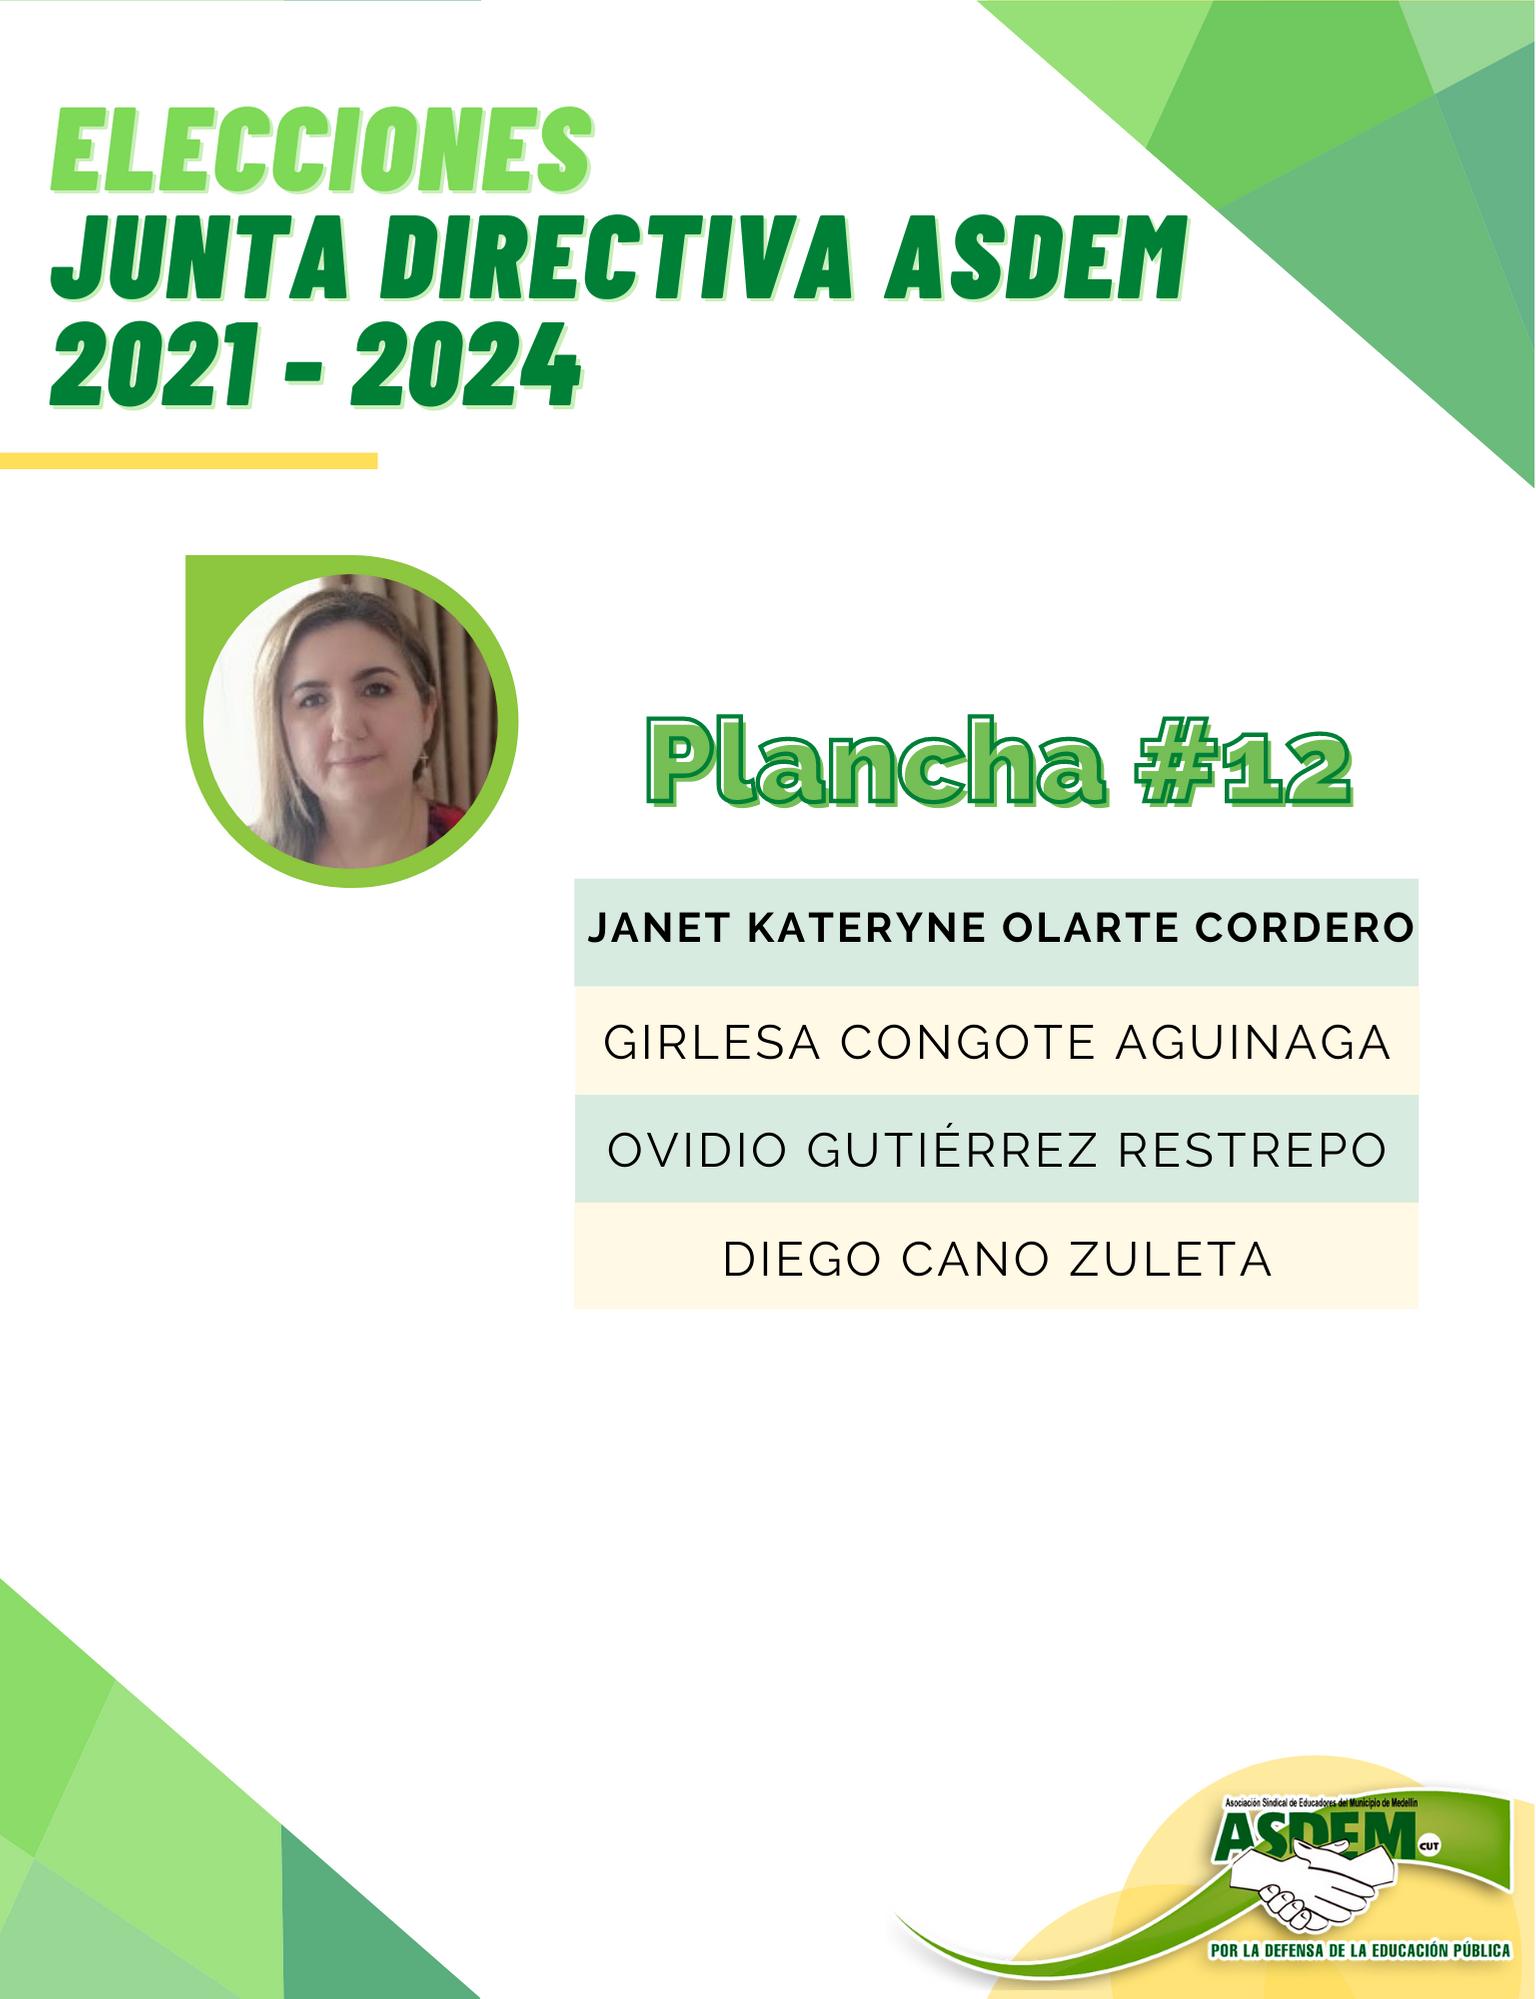 PLANCHA (12)